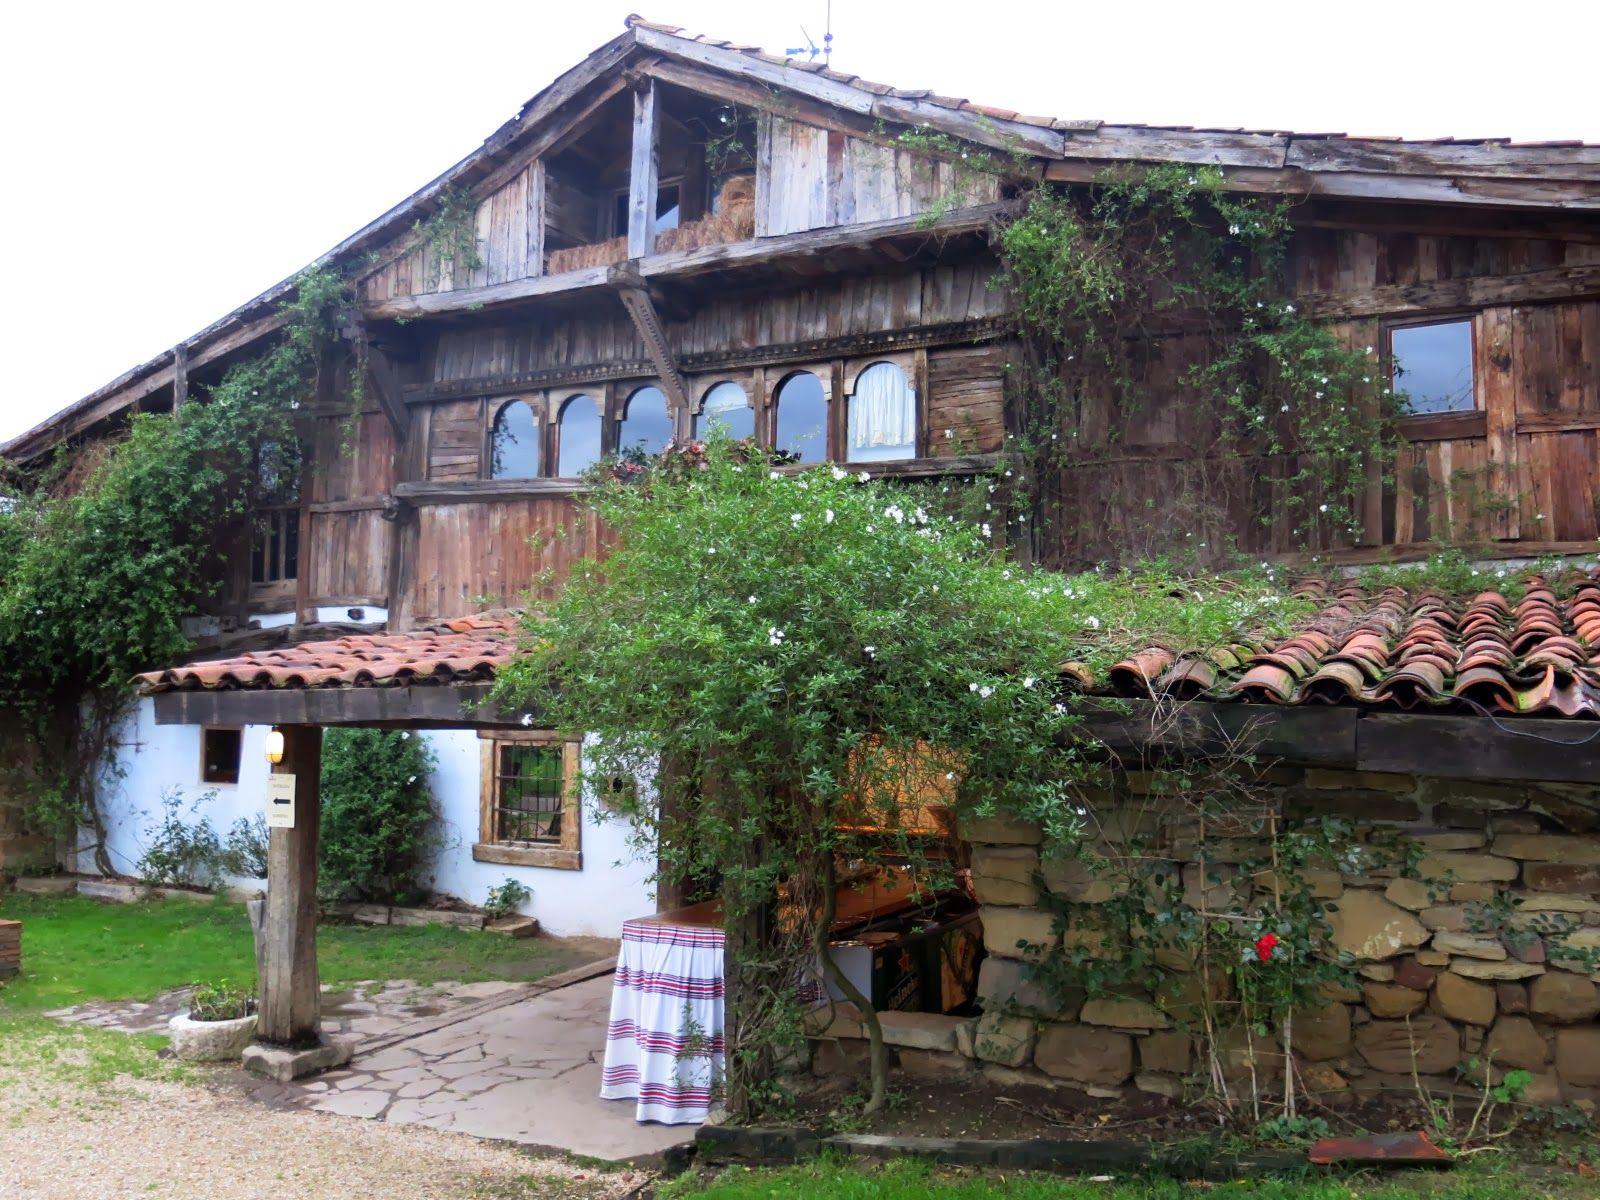 Caserios vascos arquitectura vasca pa s vasco y pais vasco frances - Casas rurales pais vasco frances ...